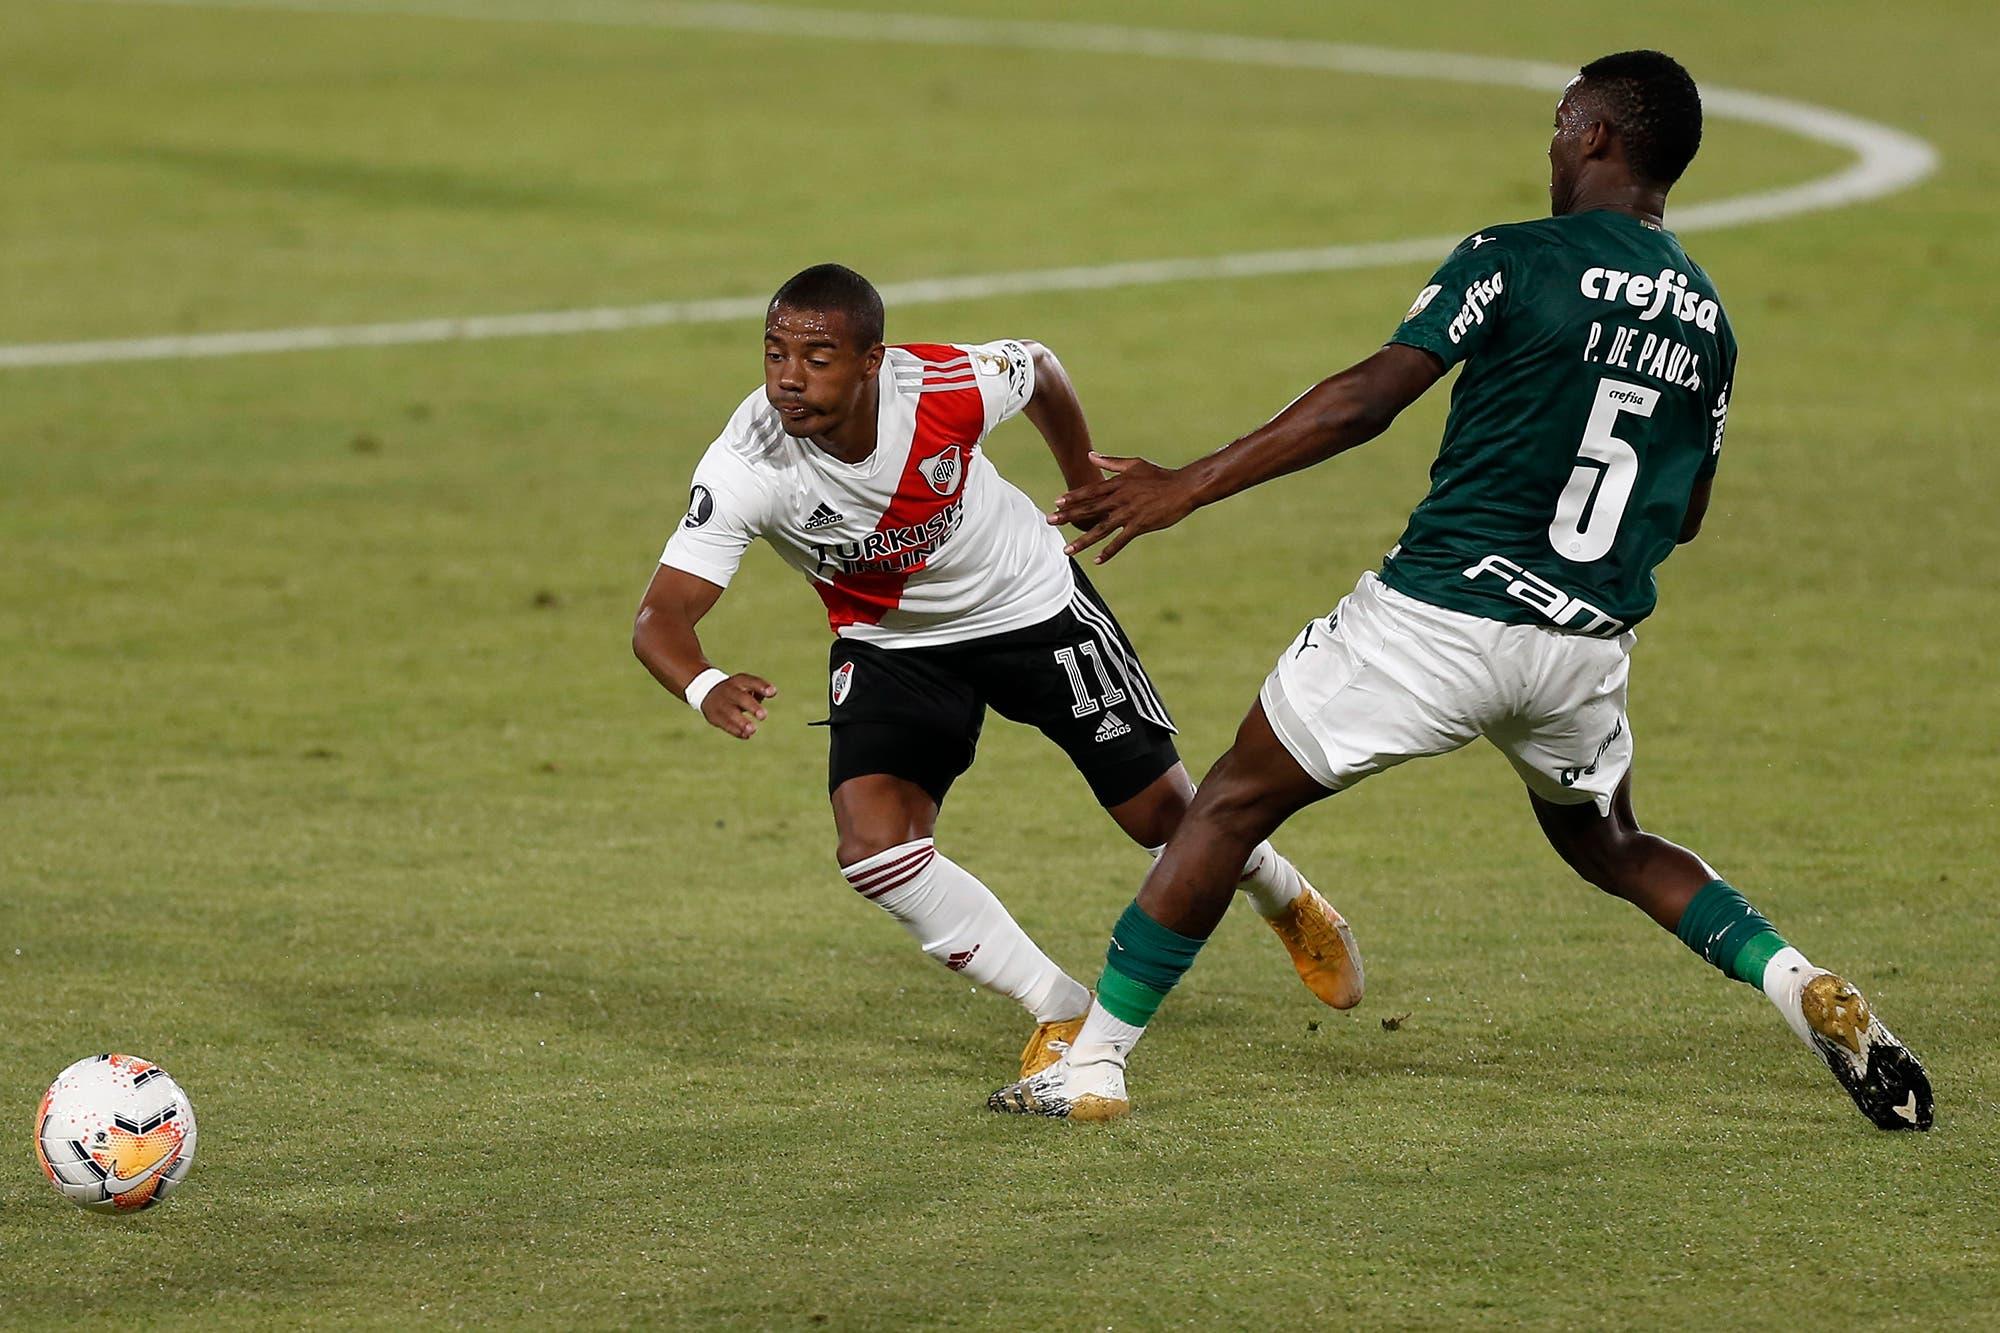 Palmeiras - River: horario, TV y formaciones de la semifinal de la Copa Libertadores